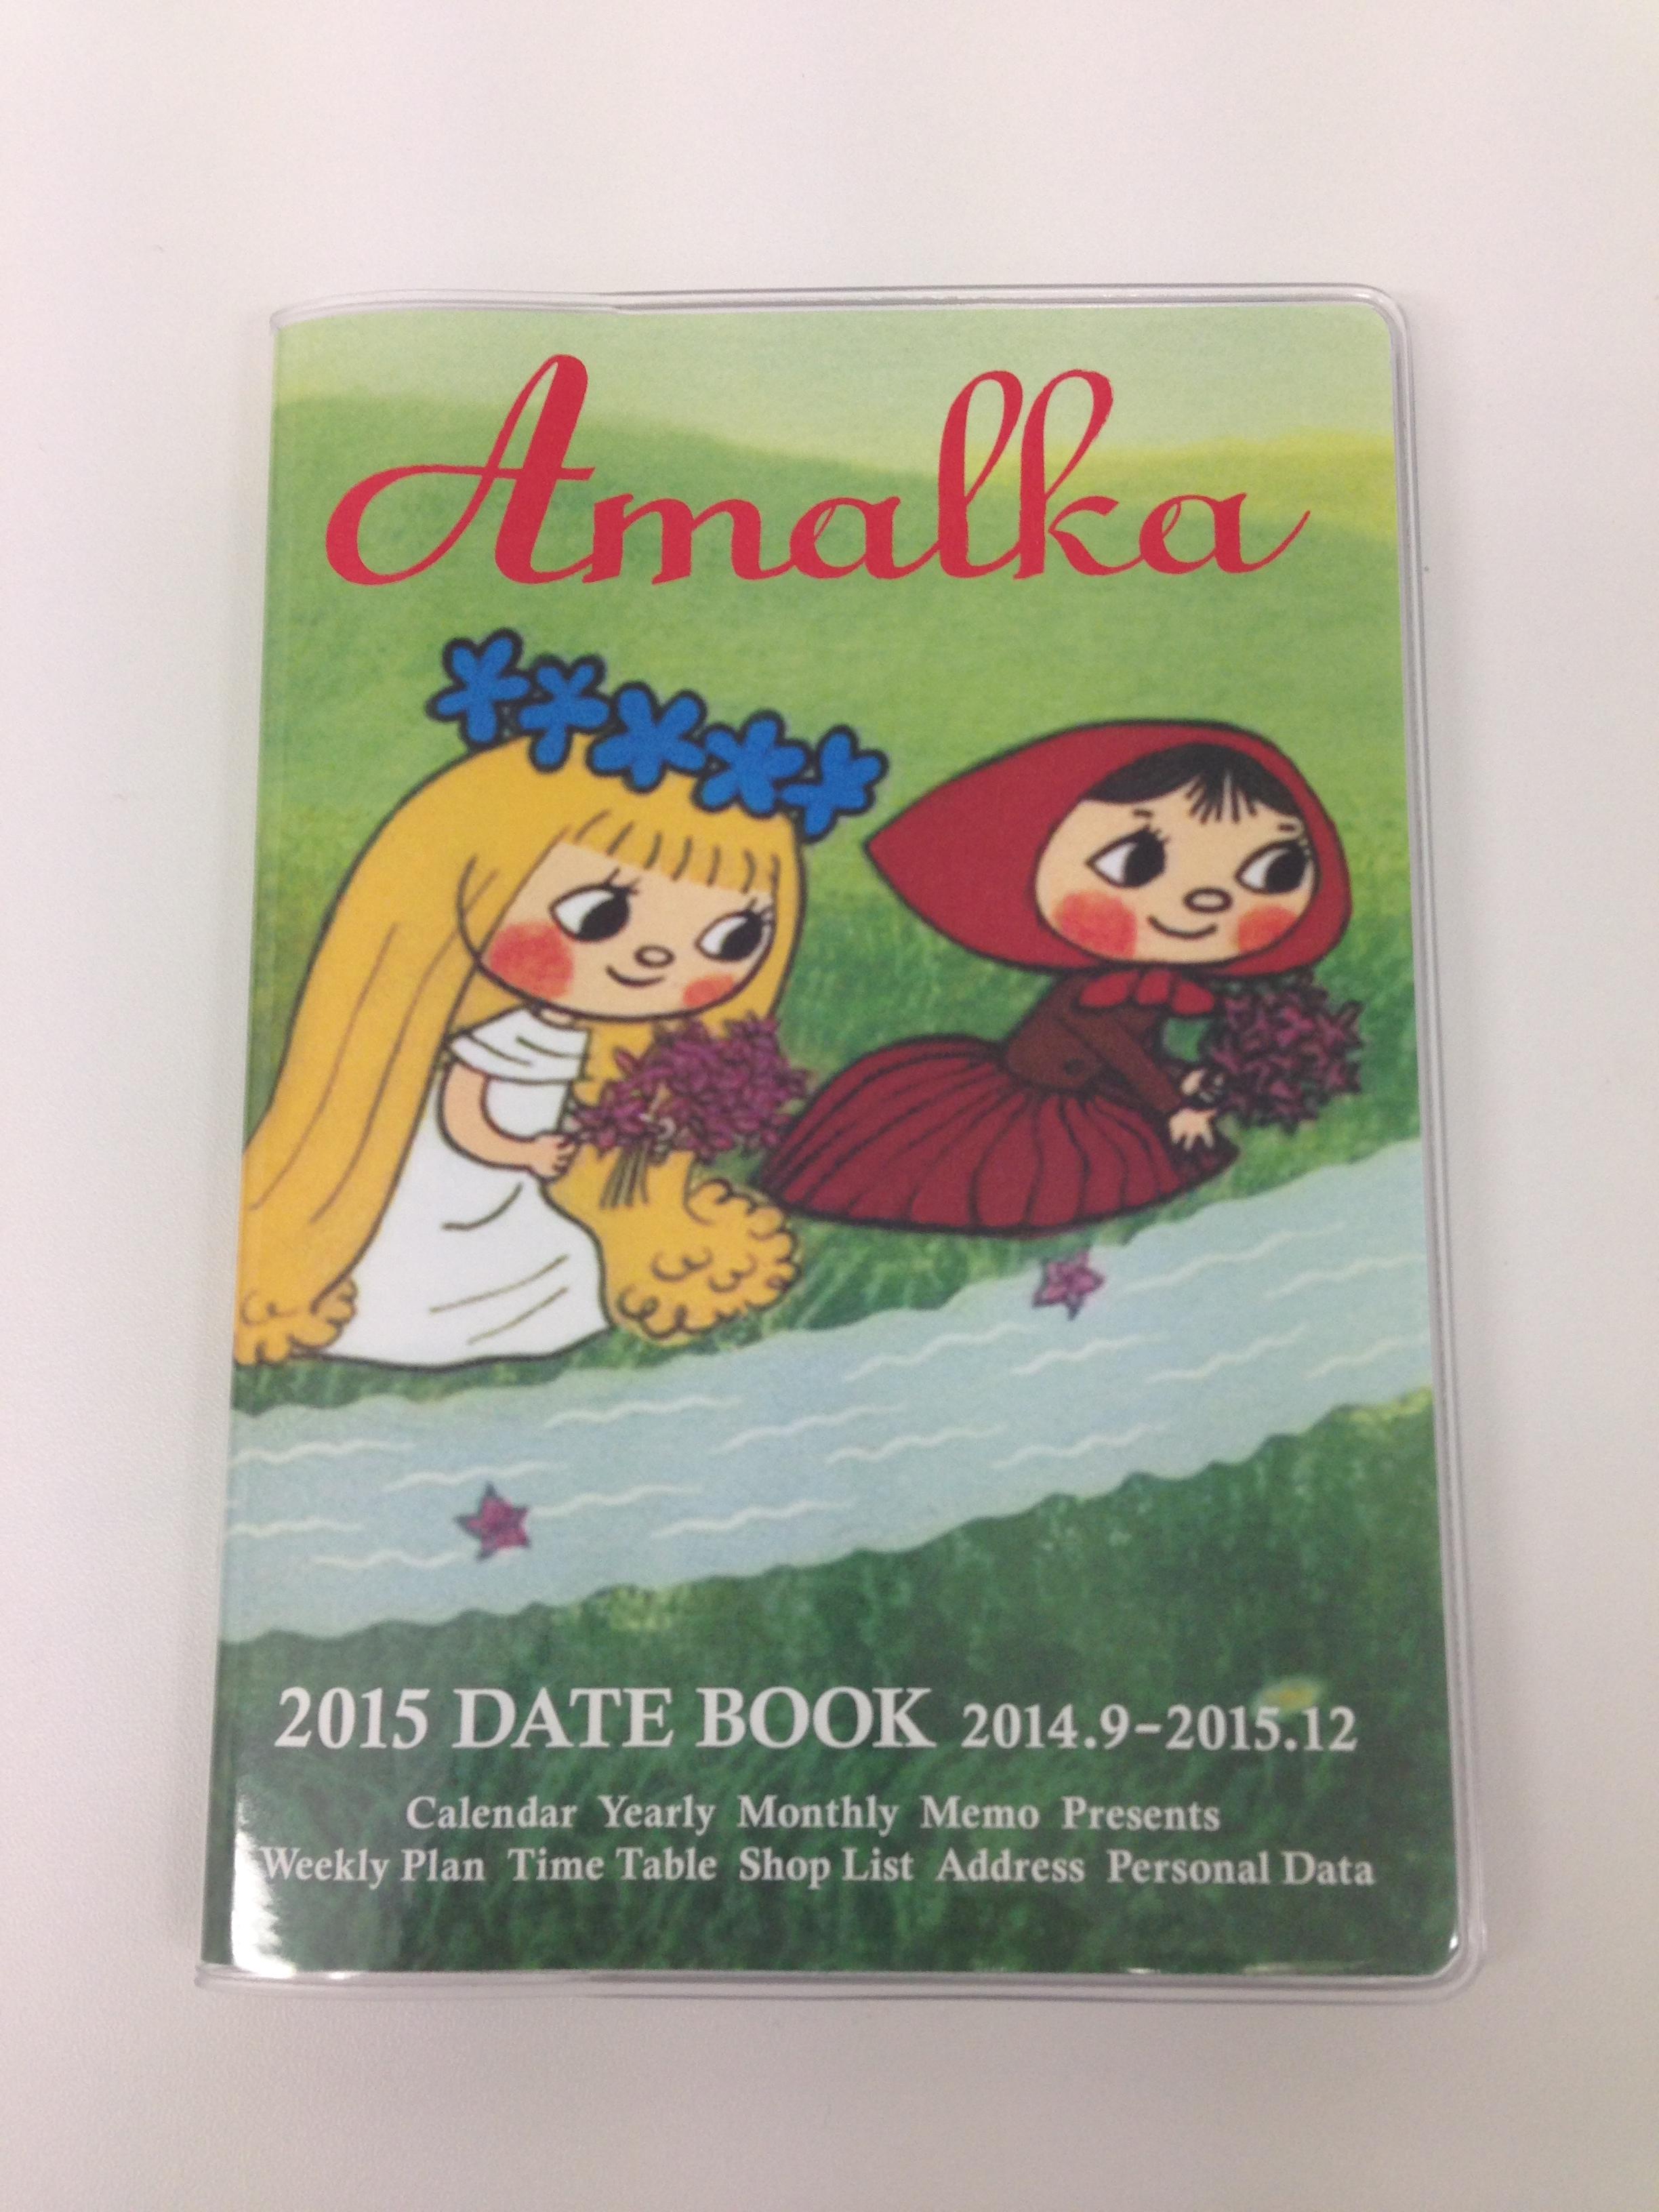 2015年用のアマールカの手帳を発売!